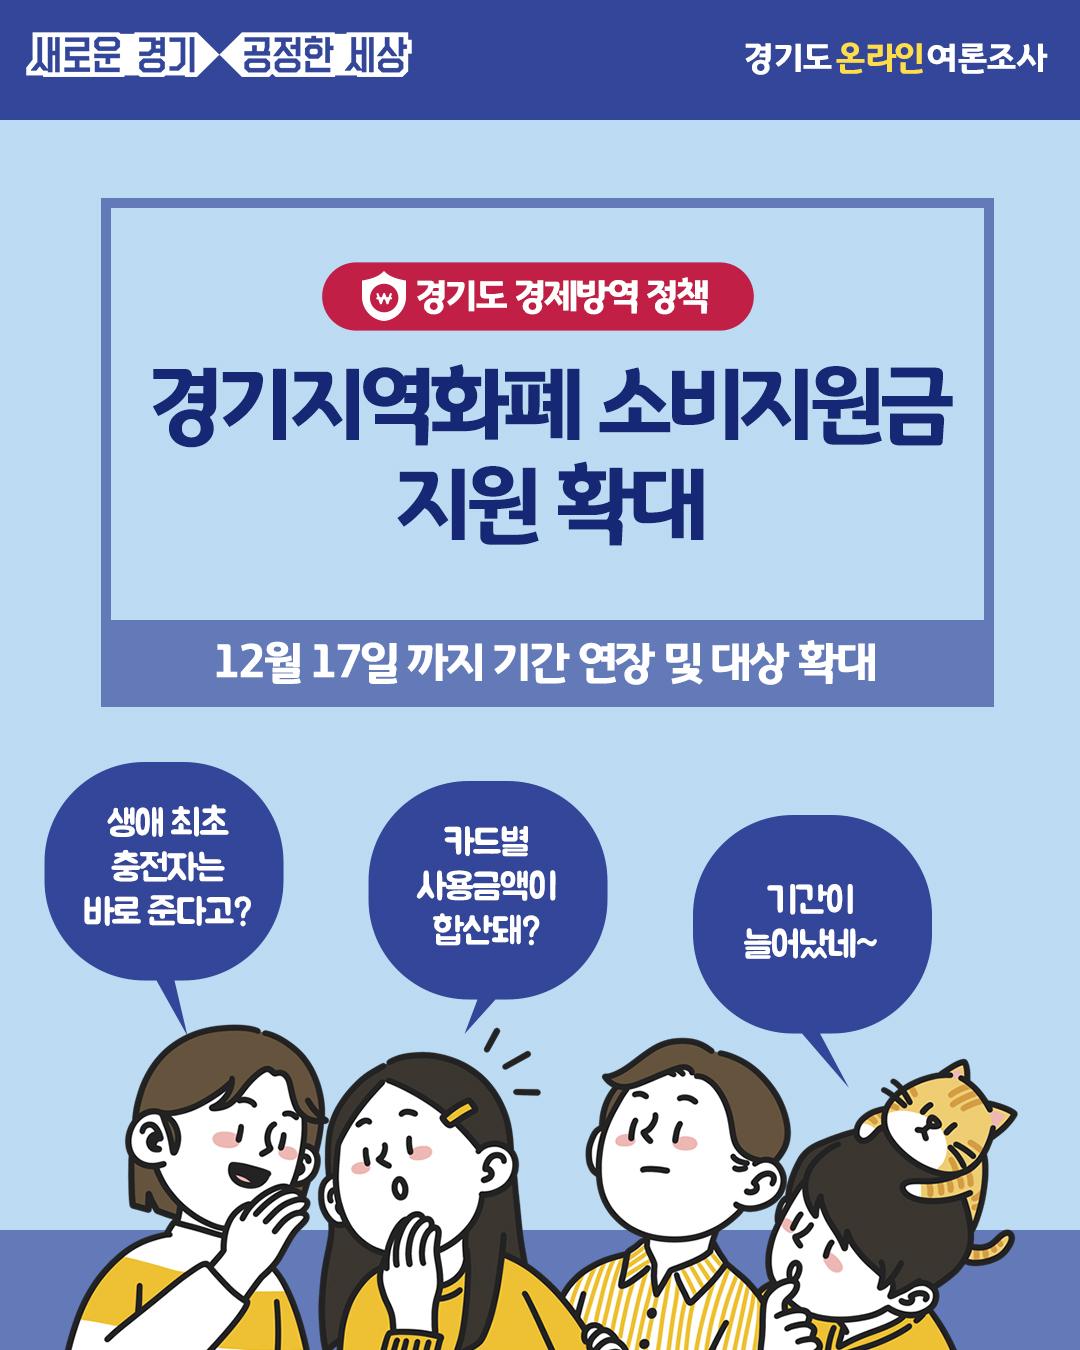 경기지역화폐 소비지원금 지원 확대